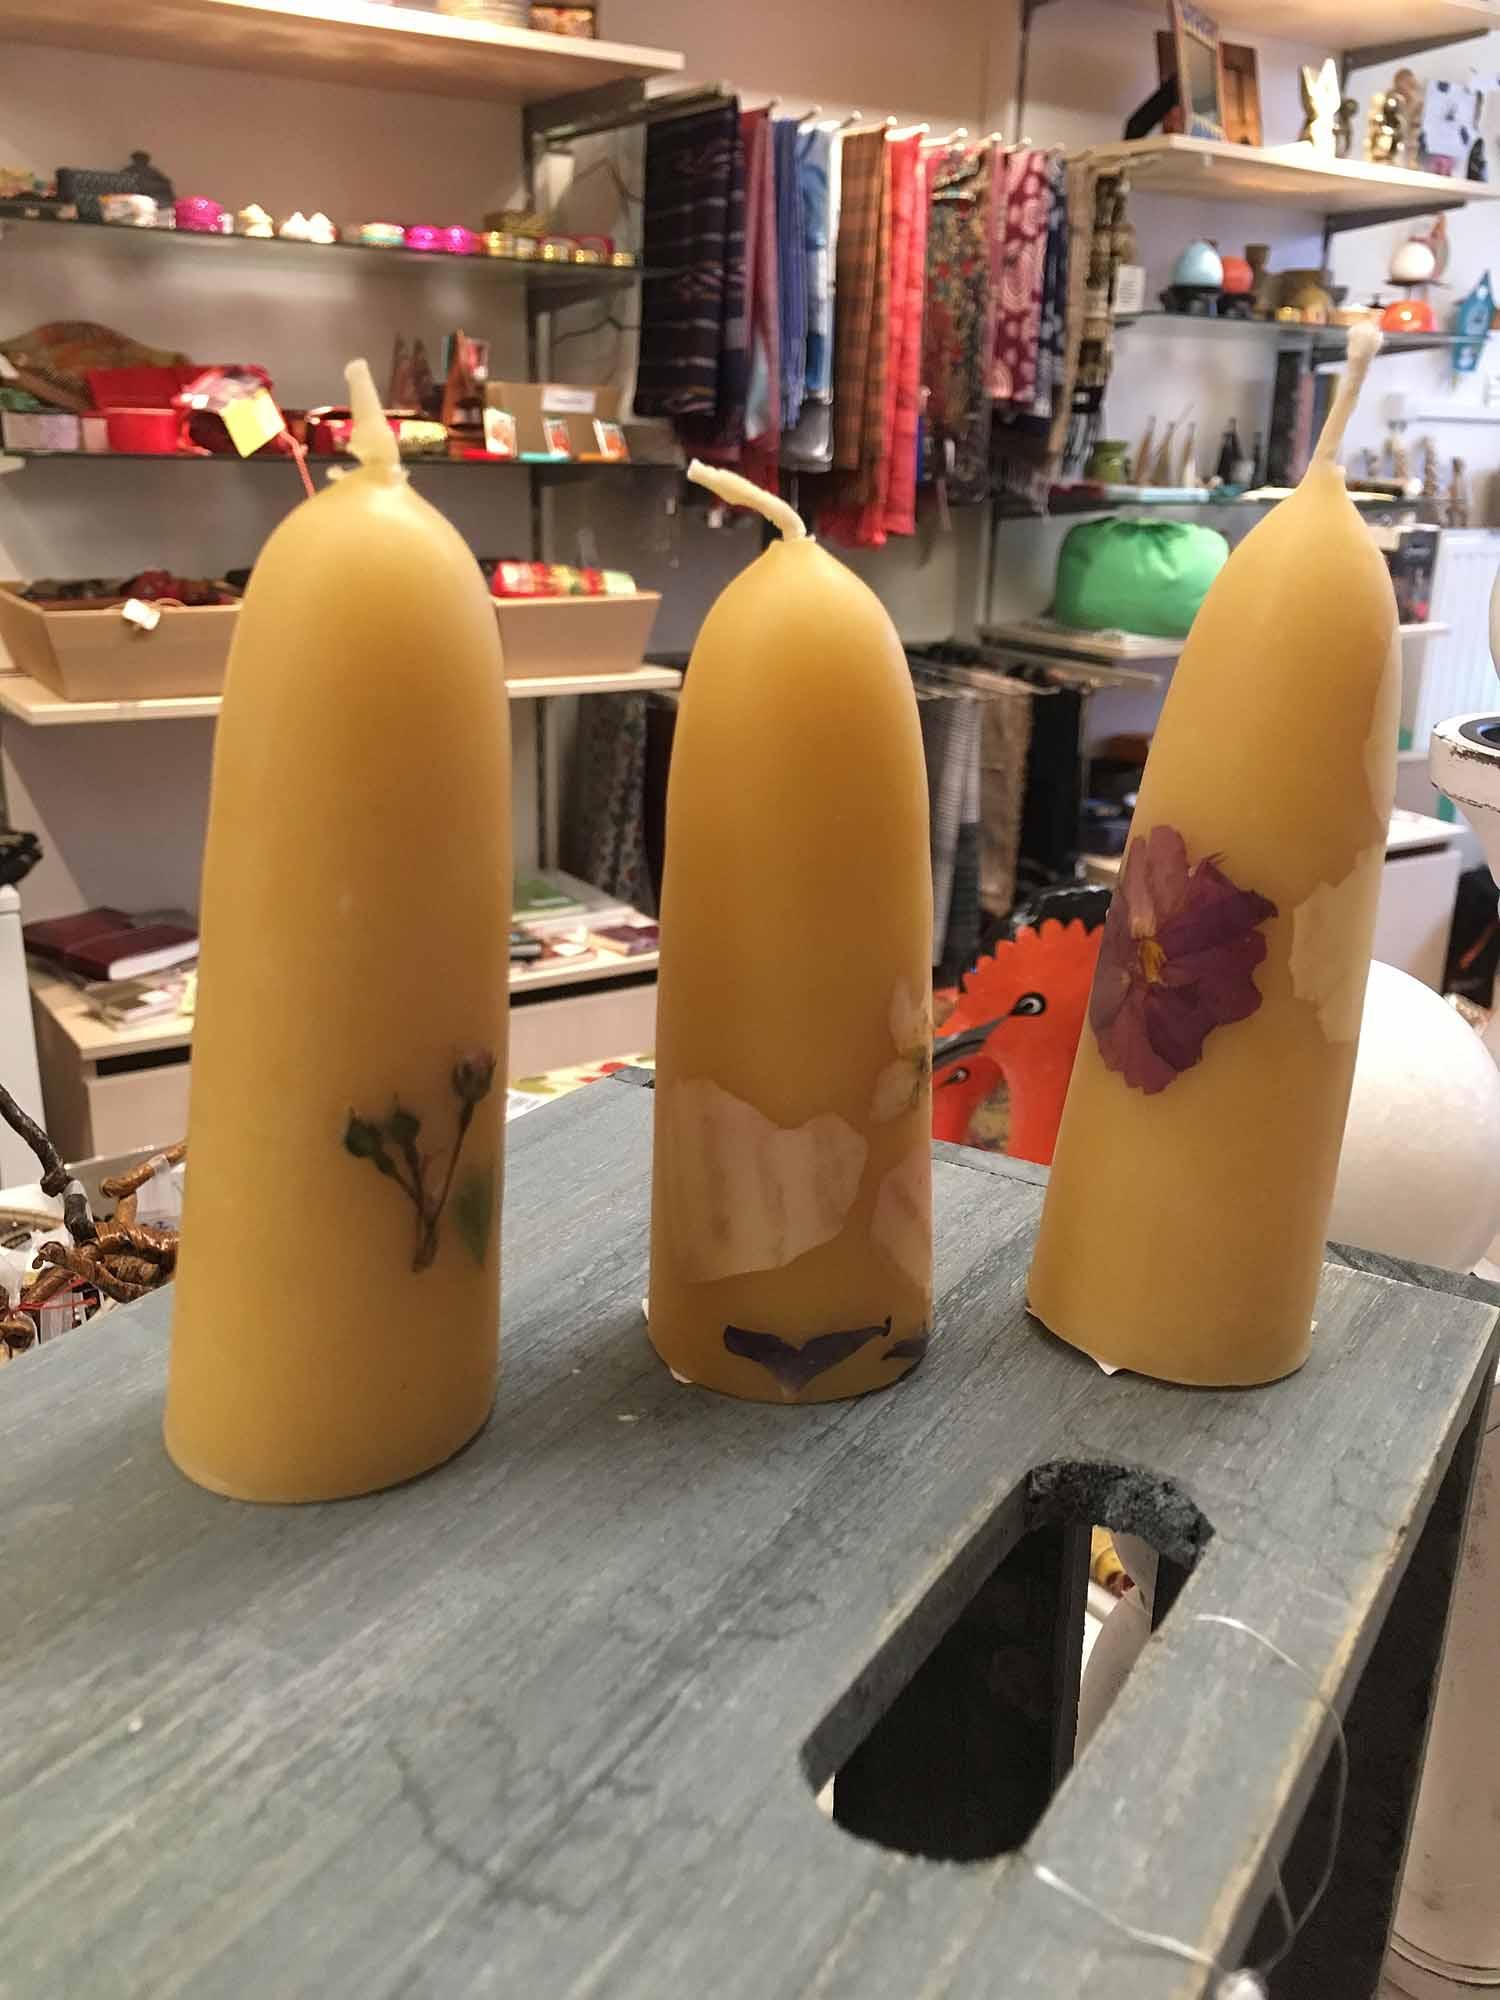 Handgefertigte Bienenwachs-Kerzen mit Blüten von Haus Sonne in Walsheim (ab 5,20 €)